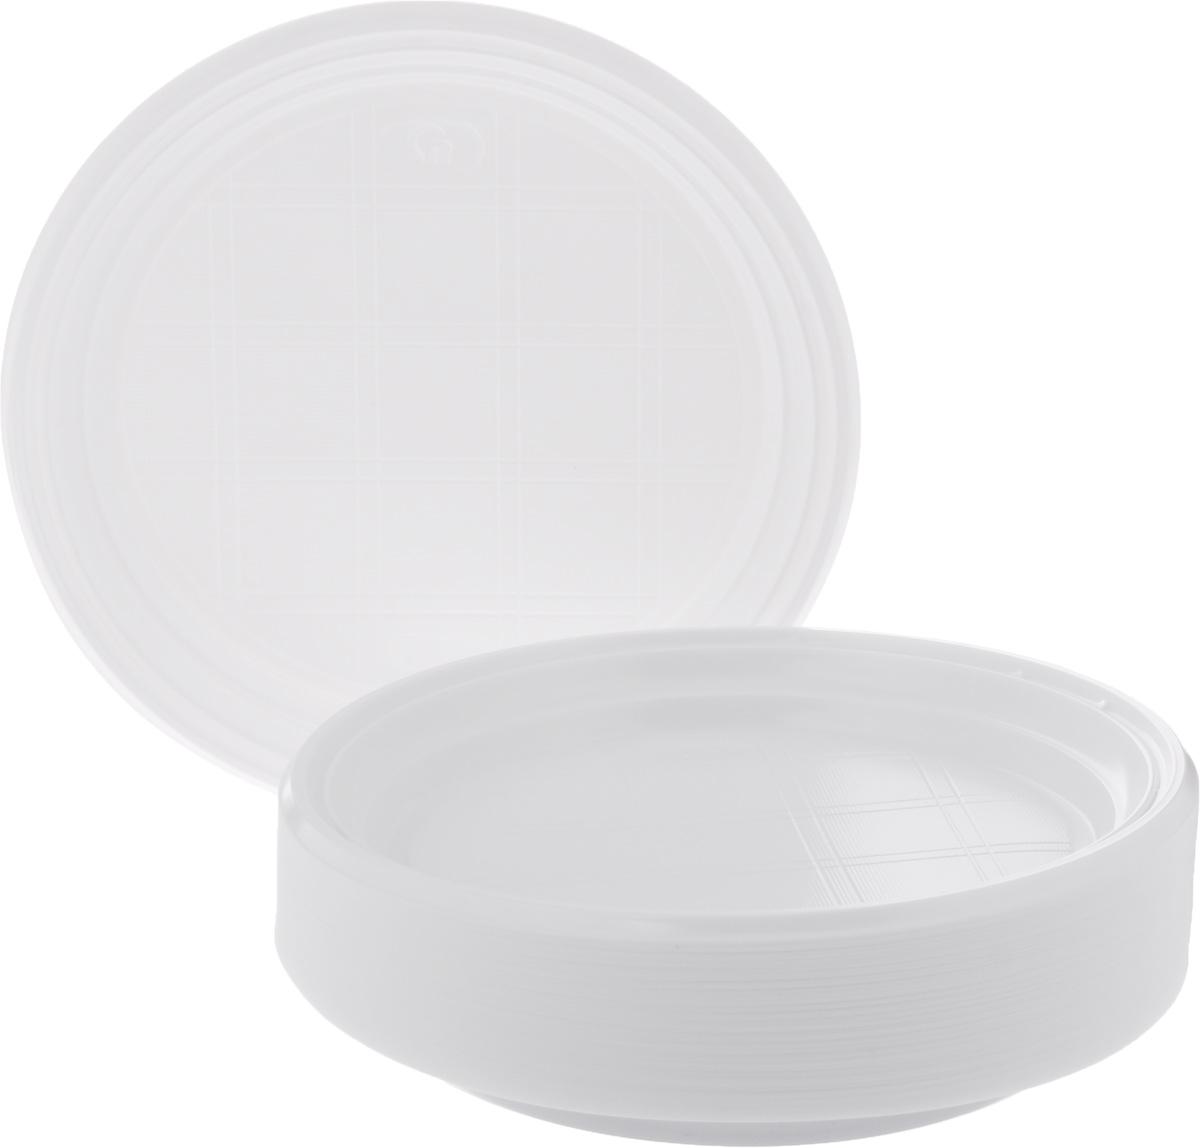 Набор одноразовых тарелок Стиролпласт, диаметр 20,5 см, 100 штукПОС08743Набор Стиролпласт состоит из 100 круглых тарелок, выполненных из полистирола и предназначенных для одноразового использования. Подходят для пищевых продуктов.Одноразовые тарелки будут незаменимы при поездках на природу, пикниках и других мероприятиях. Они не займут много места, легки и самое главное - после использования их не надо мыть.Диаметр тарелки: 20,5 см.Высота тарелки: 2 см.